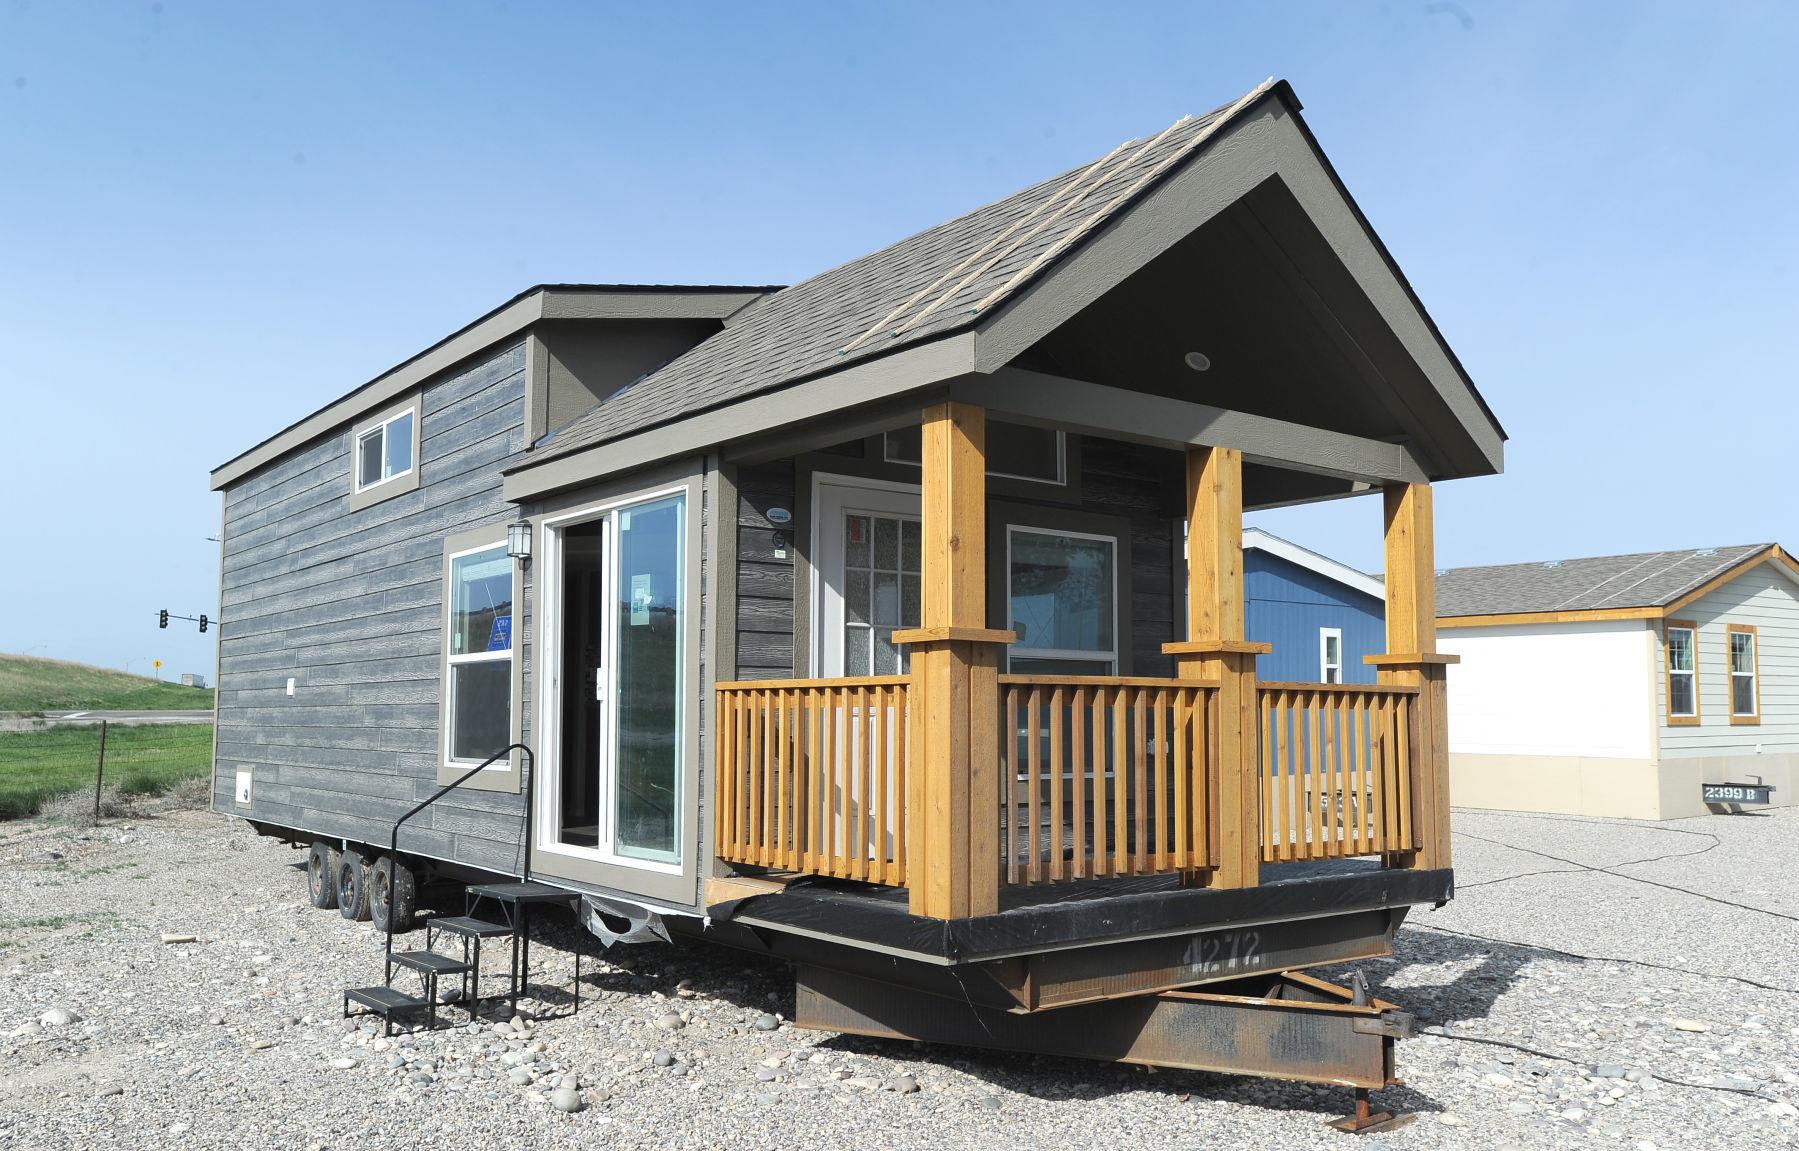 Living Small Tiny Home Craze Has Come To East Idaho